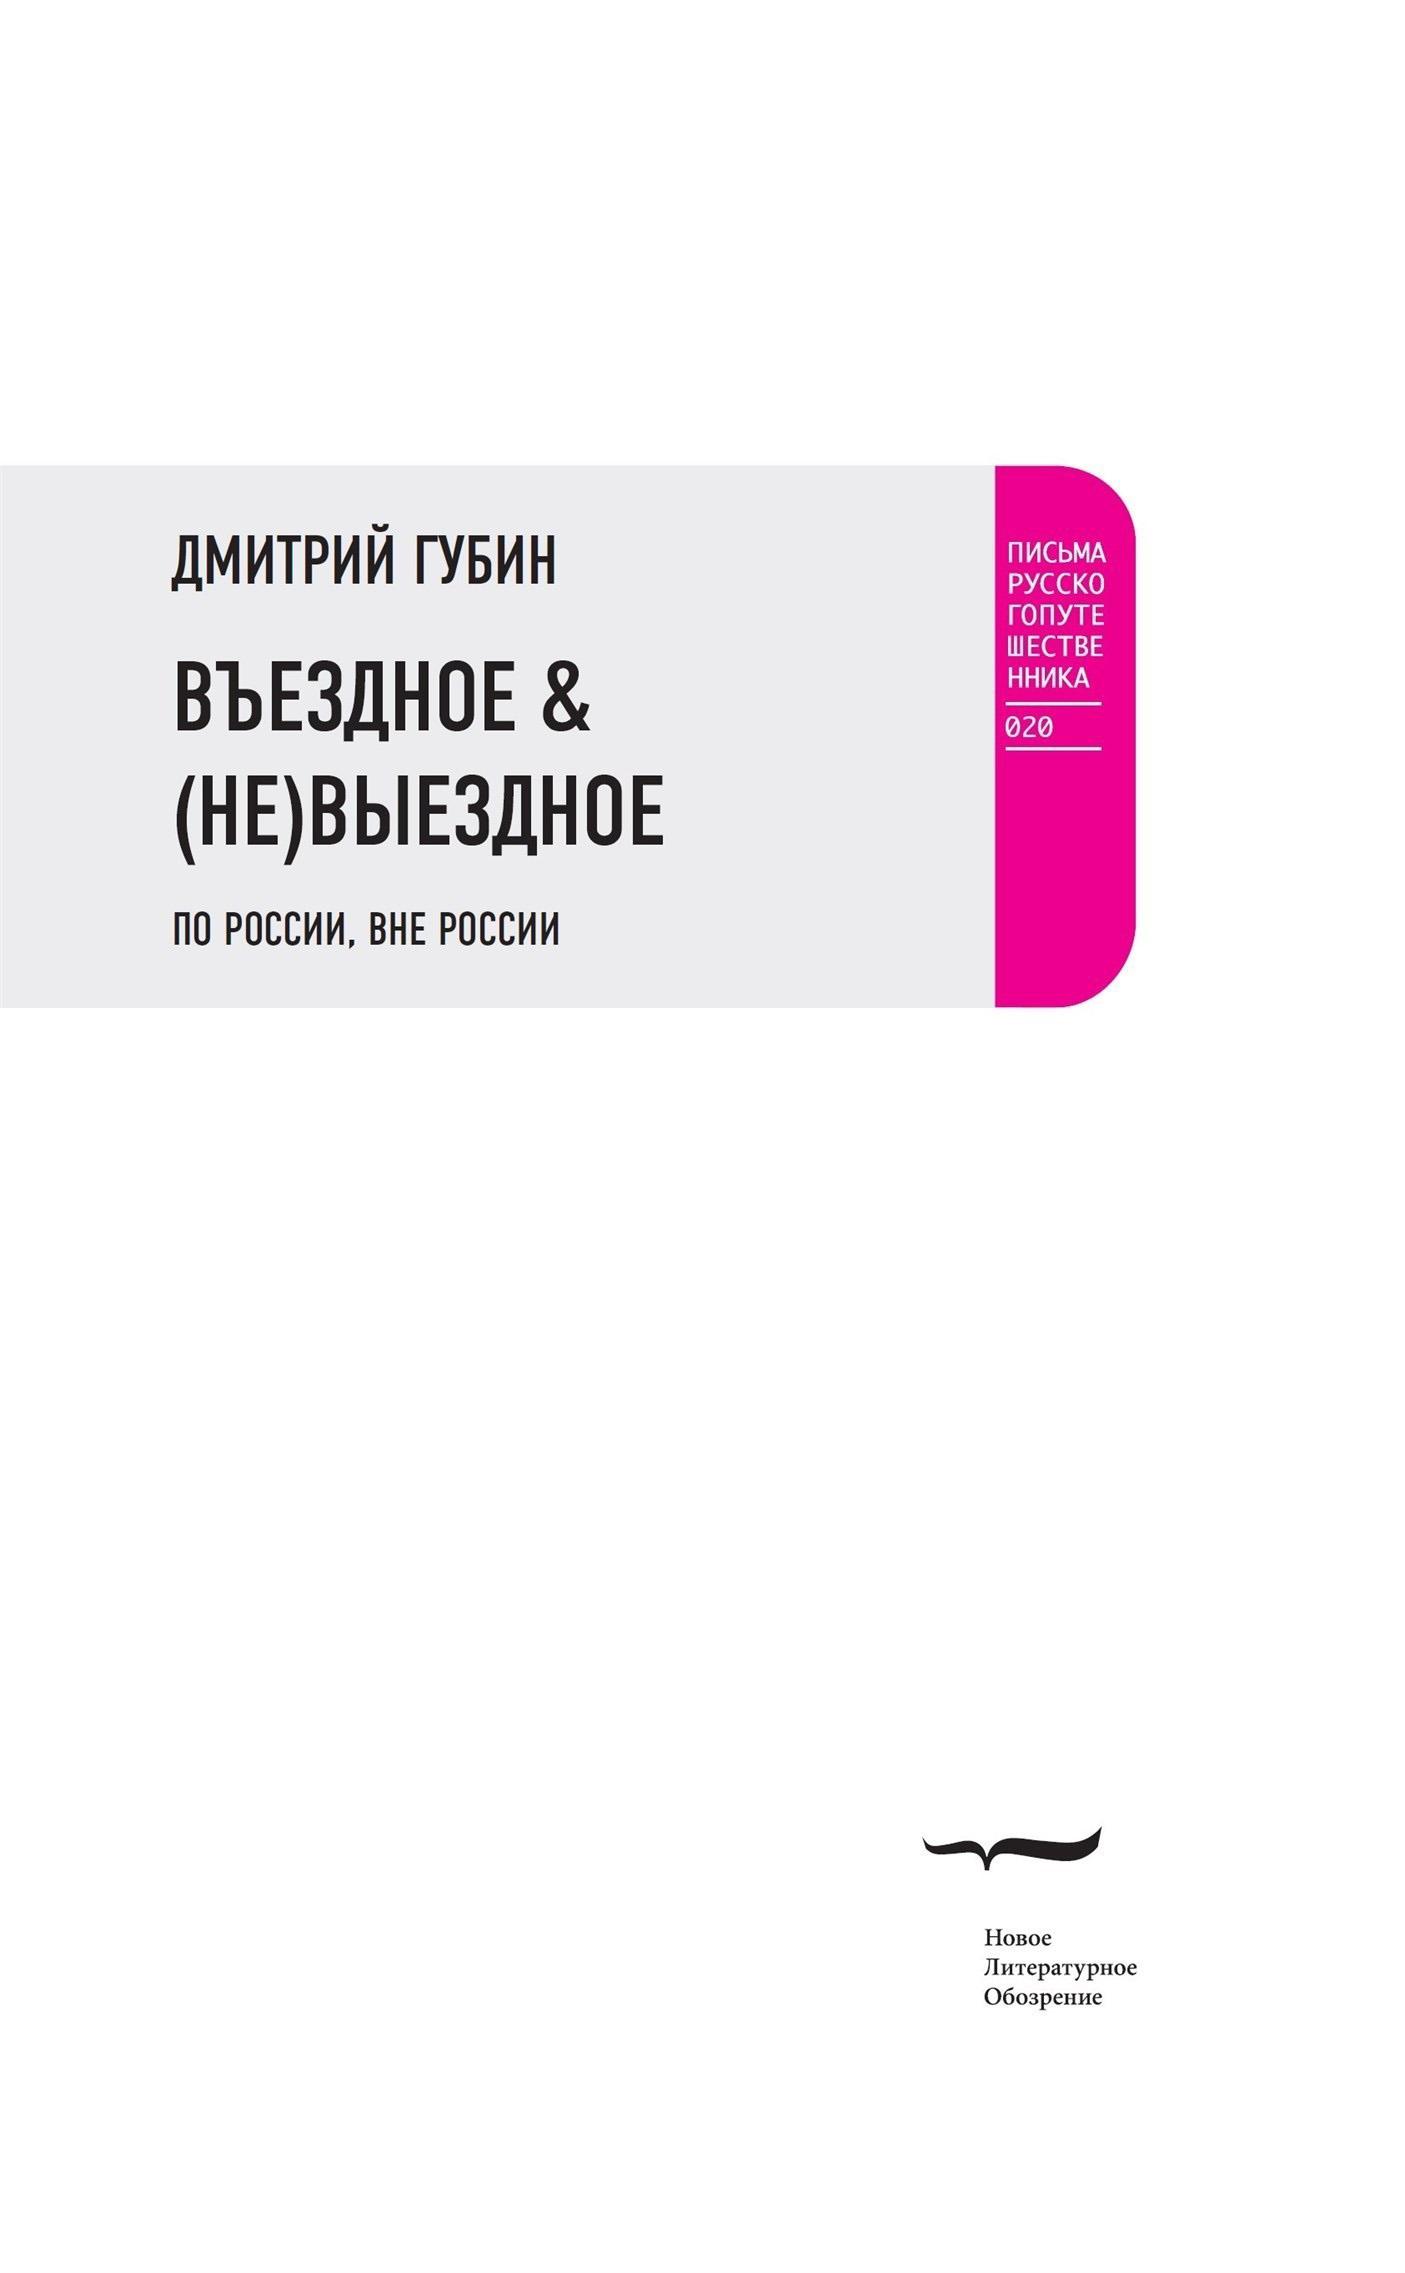 Дмитрий Губин Въездное & (Не)Выездное круглосуточная авиакасса